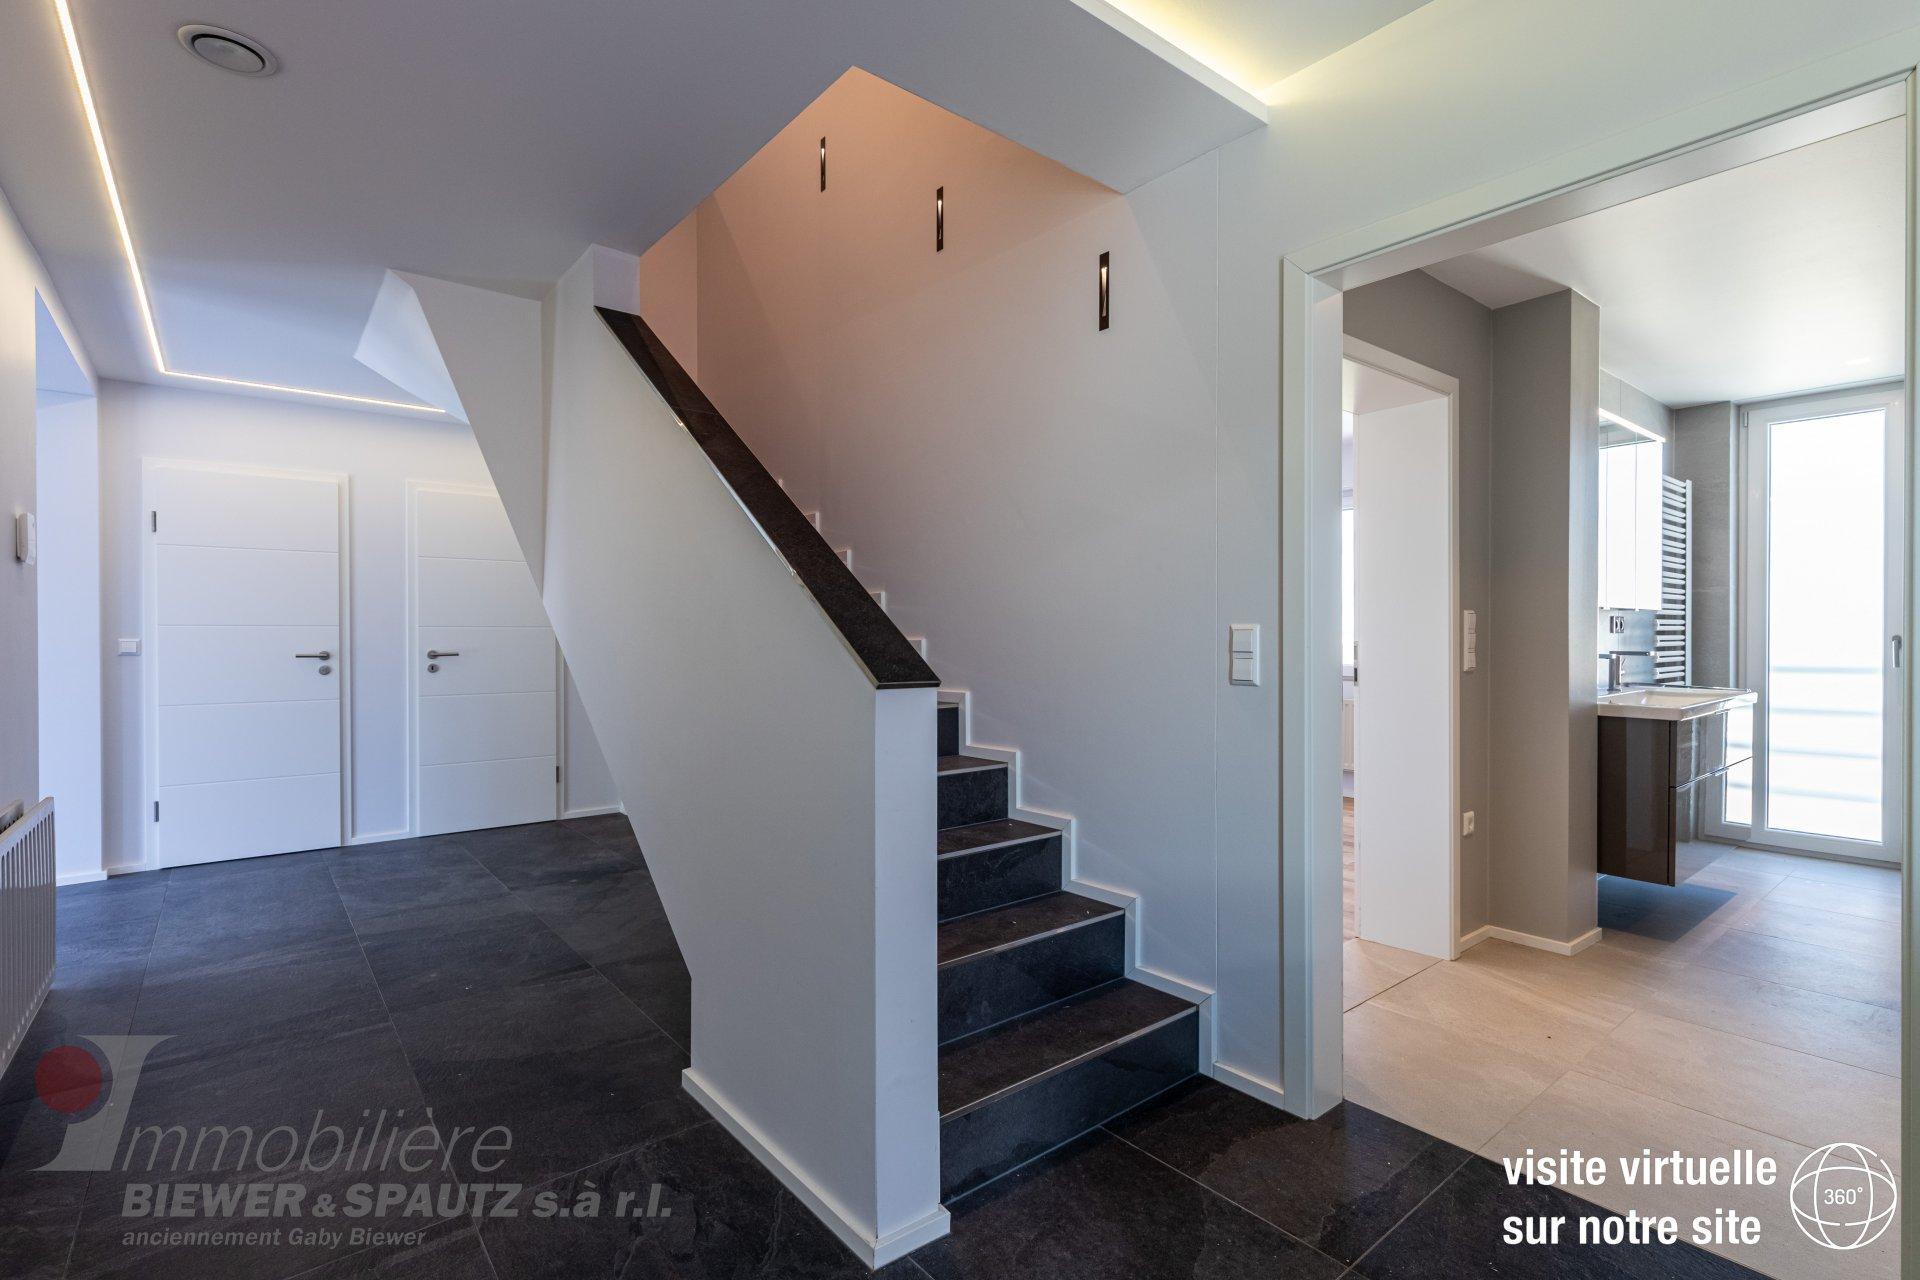 A LOUER - duplex avec 3 chambres à coucher à Dudelange